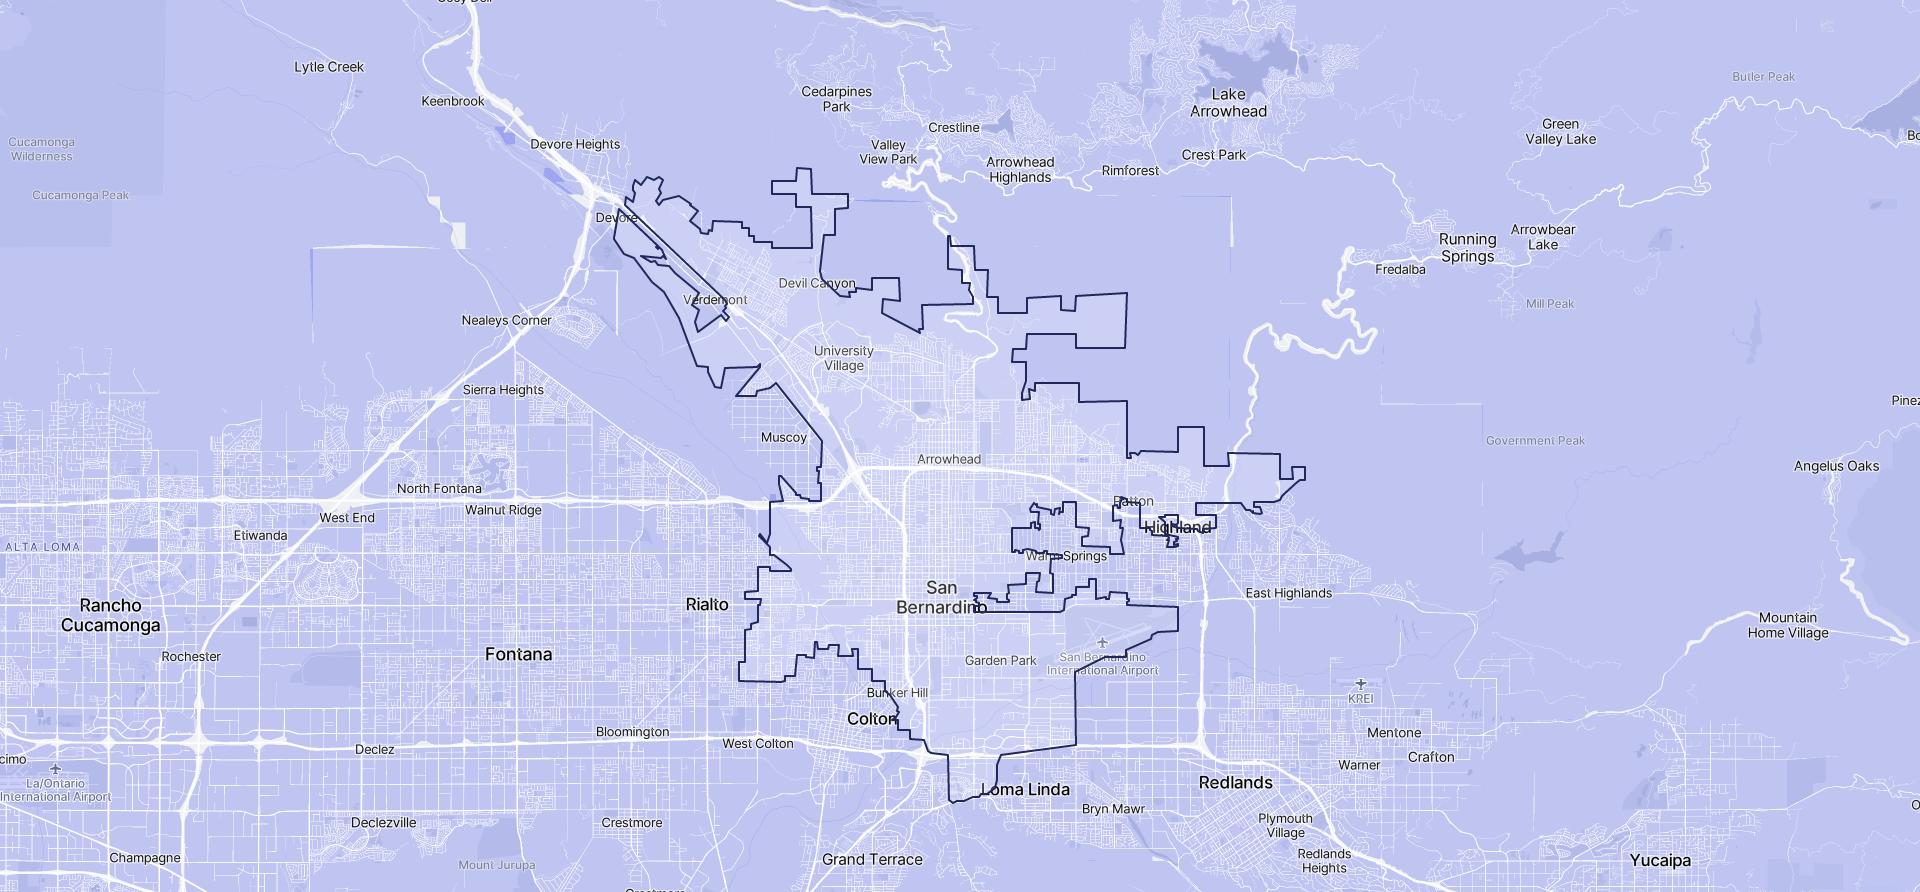 Image of San Bernardino boundaries on a map.